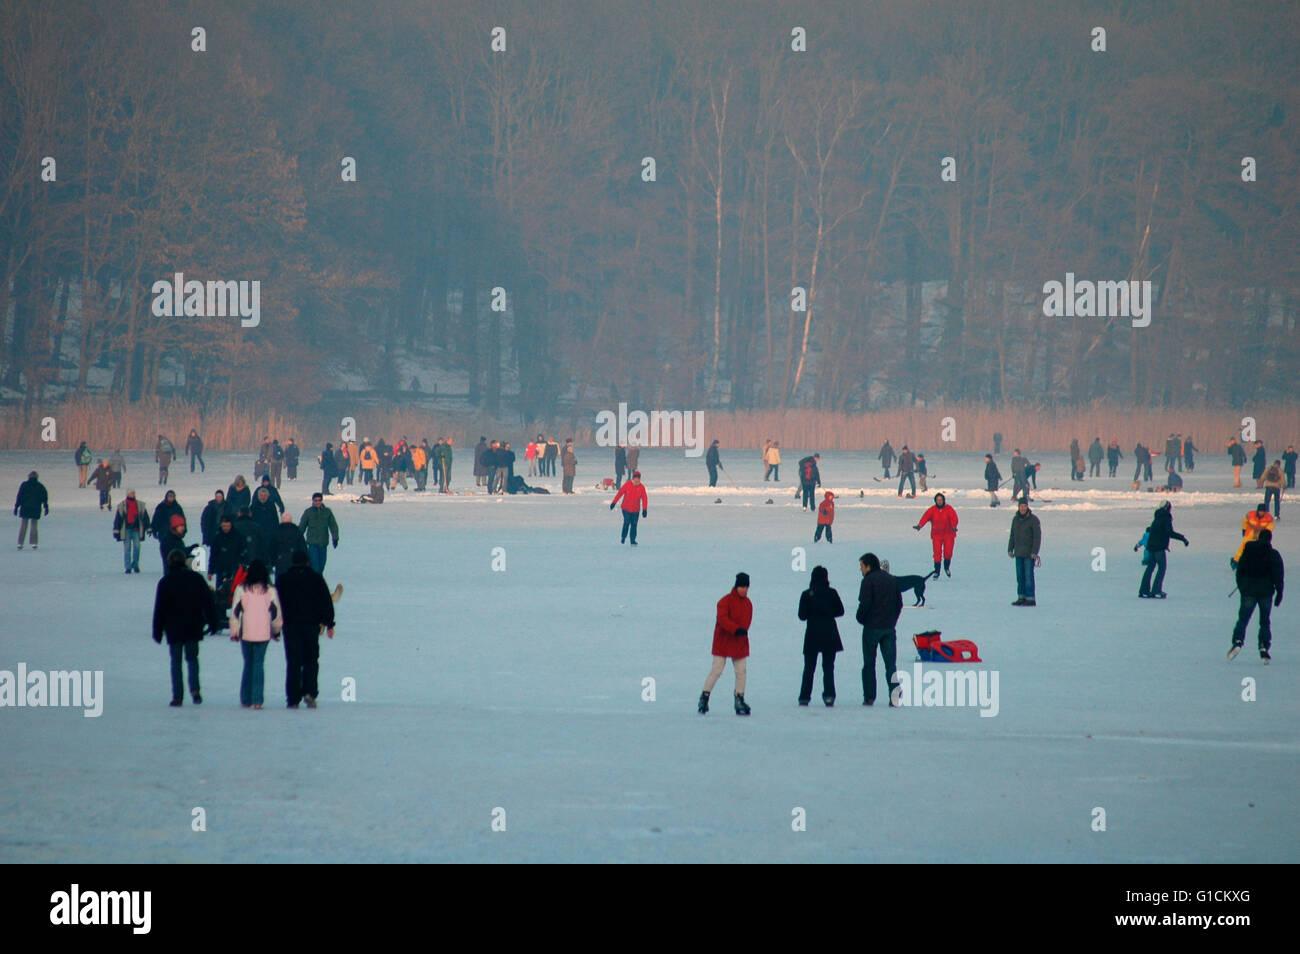 Sonne und frostige Temperaturen lockten am Wochenende zehntausende Berliner auf die zugefrorenen Gewaesser der Hauptstadt. - Stock Image